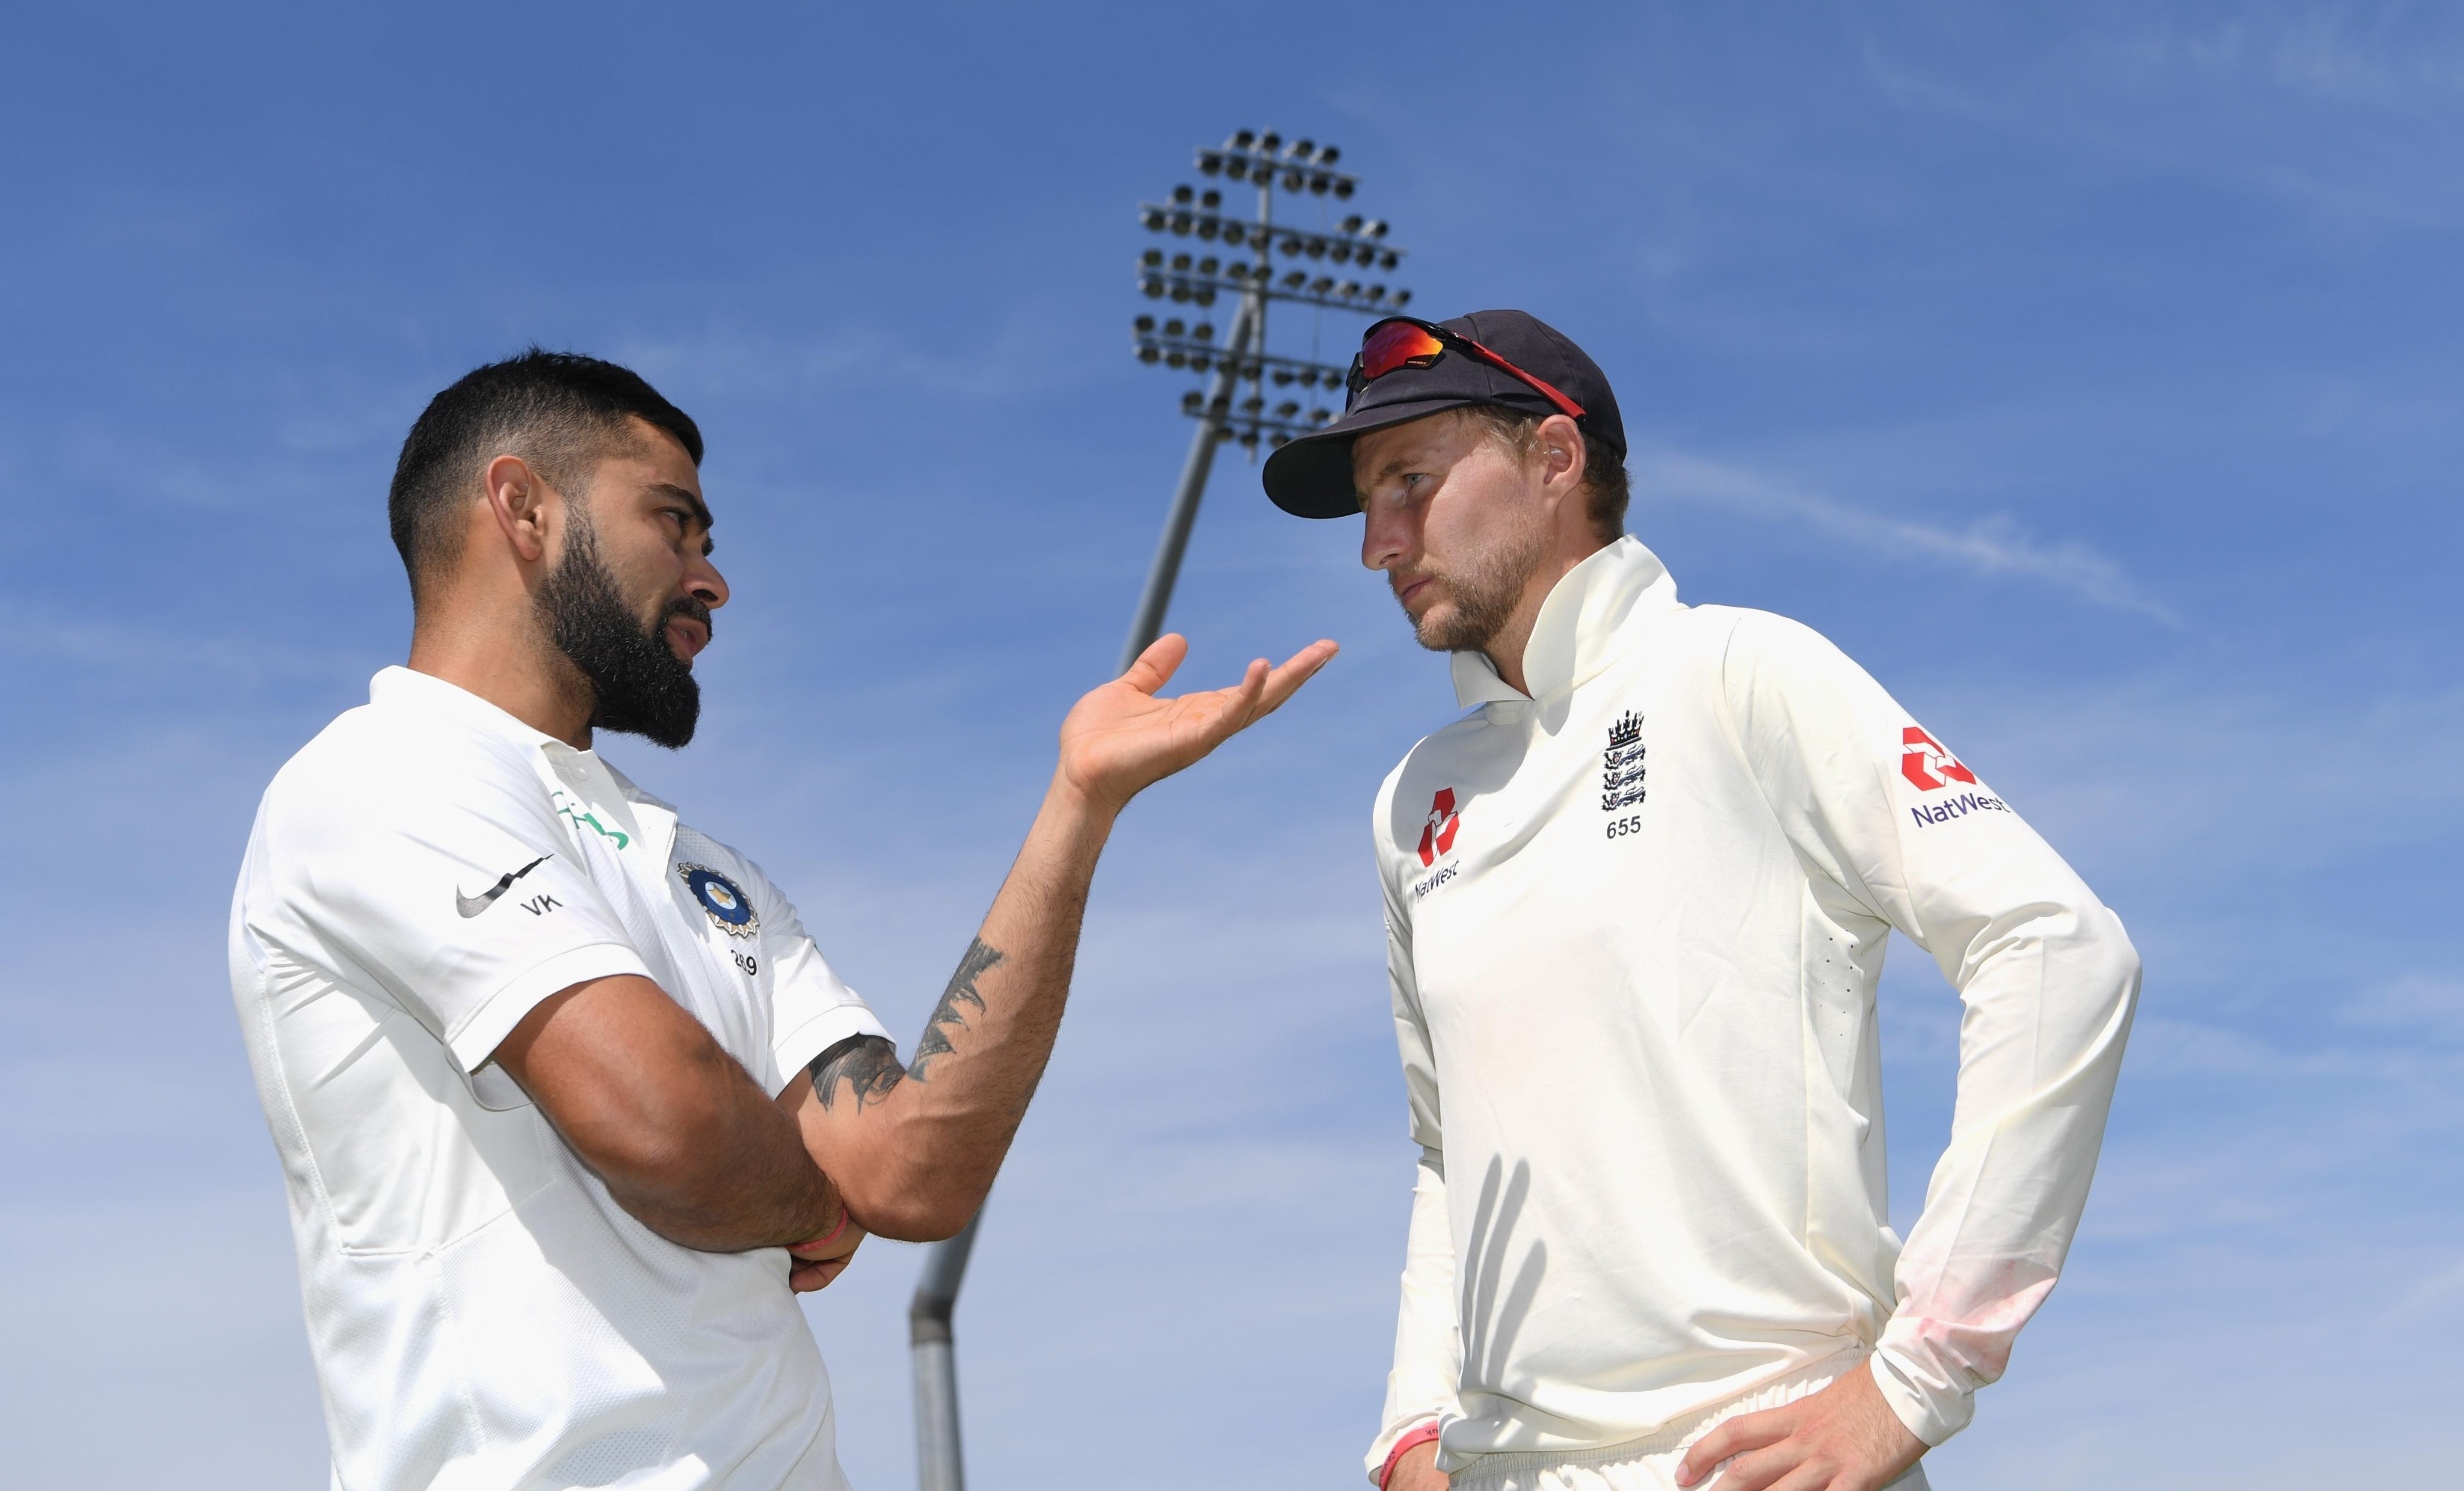 BCCI ने इंग्लैंड को दिया मैच री-शेड्यूल का ऑफर, 2022 में भी इंडियन टीम इंग्लैंड जाएगी, तब हो सकता है 5वां टेस्ट|क्रिकेट,Cricket - Dainik Bhaskar